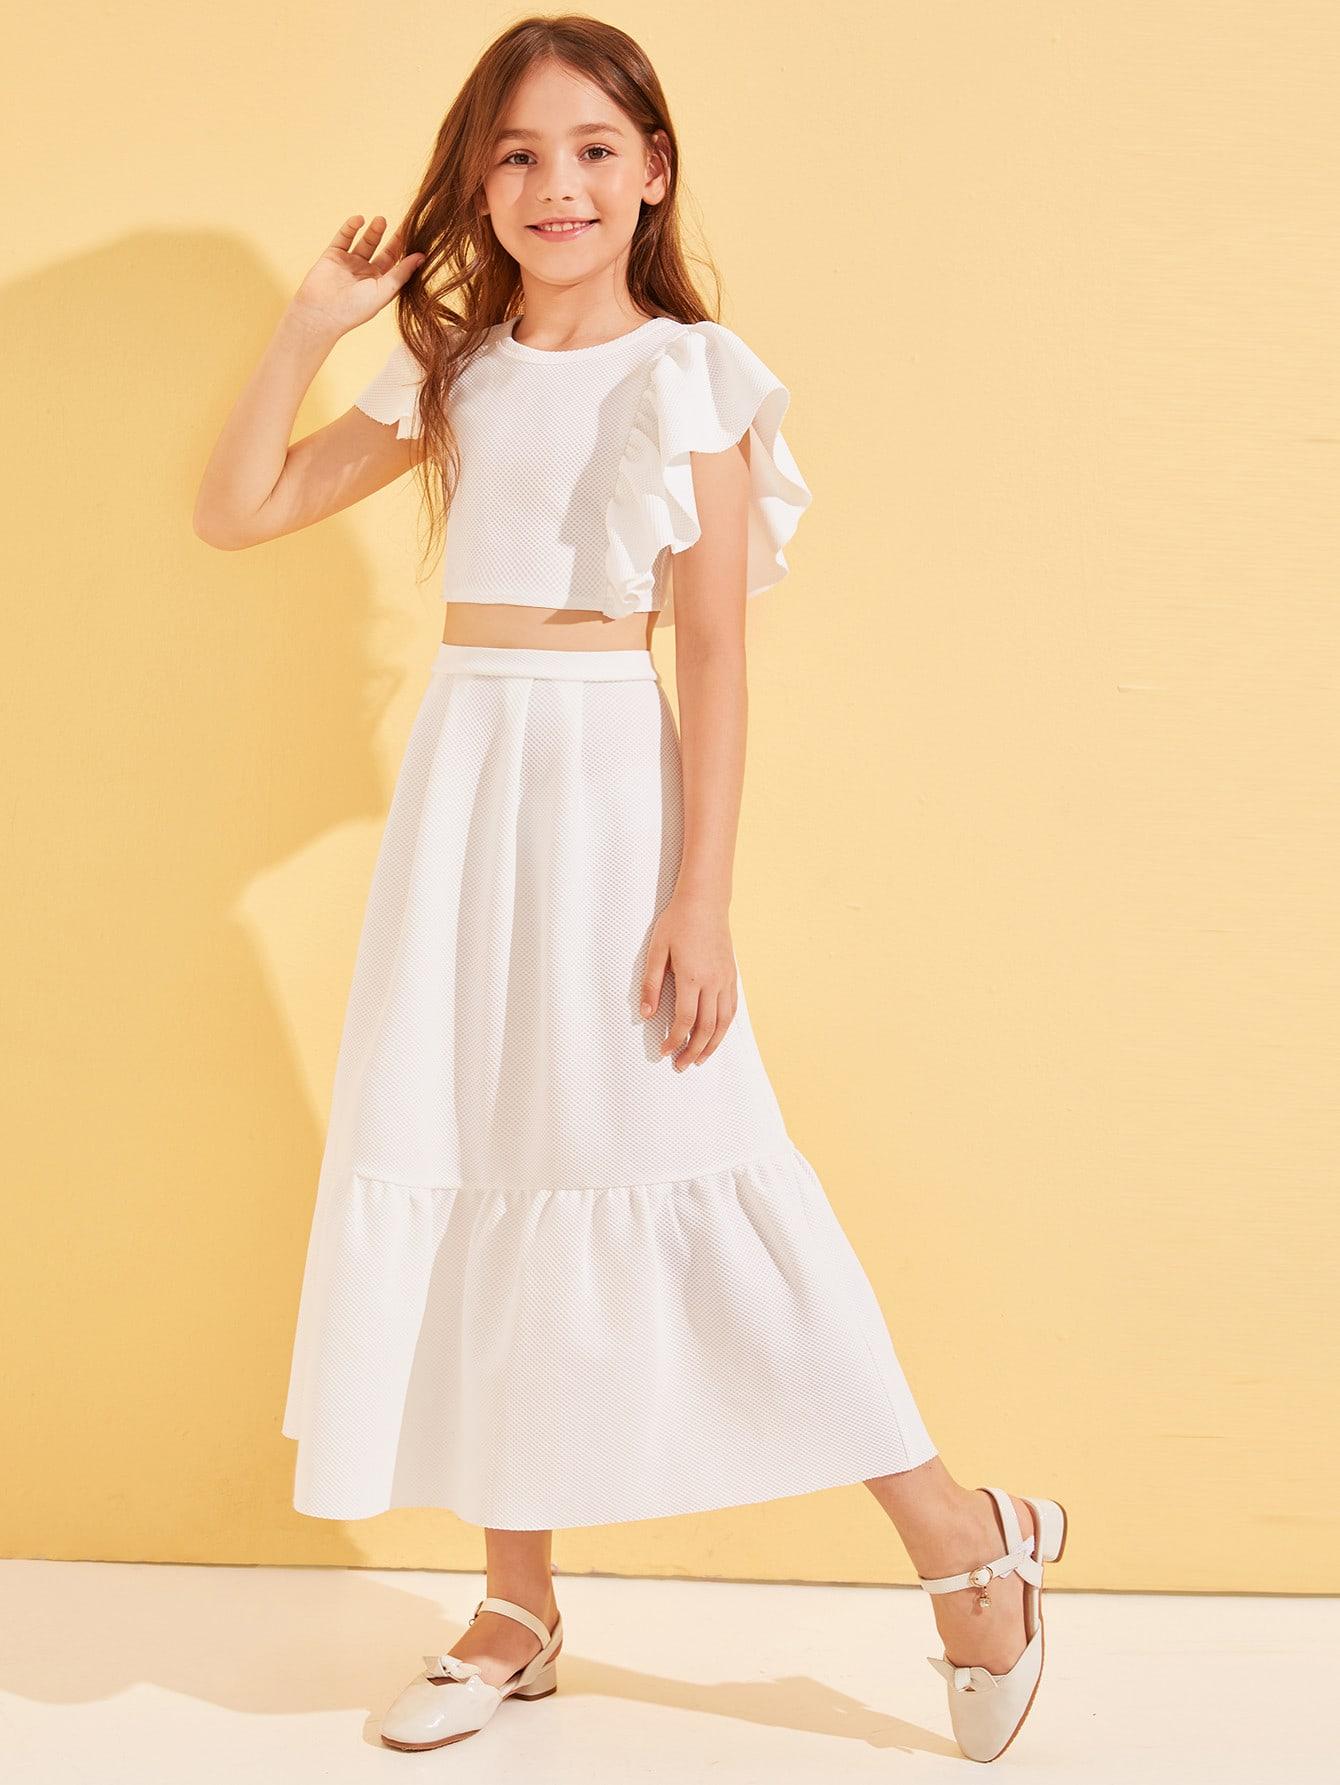 Фото - Кроп топ с асимметричным рукавом и юбка с оборкой от SheIn белого цвета